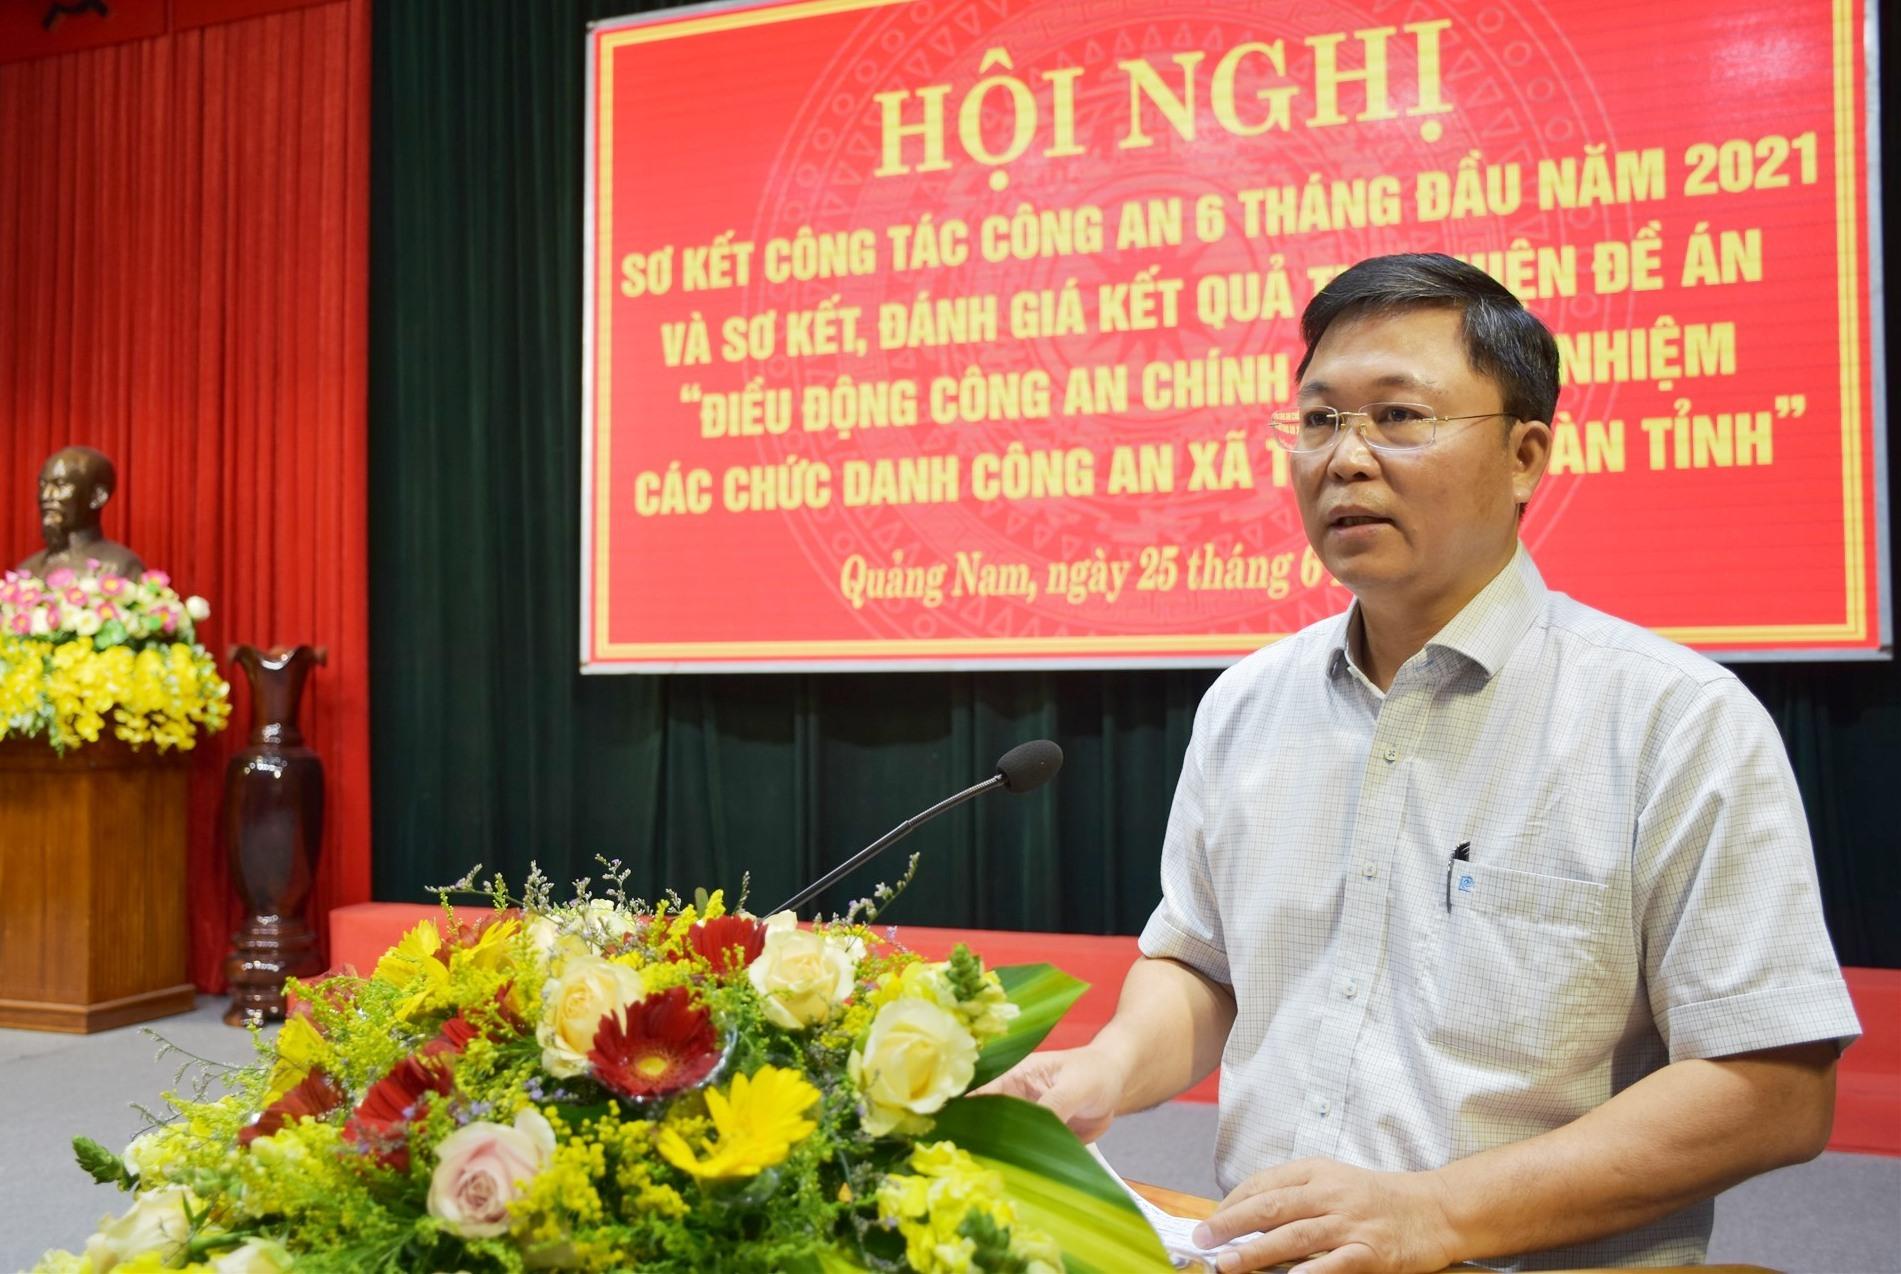 Đồng chí Lê Trí Thanh, Chủ tịch UBND tỉnh phát biểu chỉ đạo tại Hội nghị.